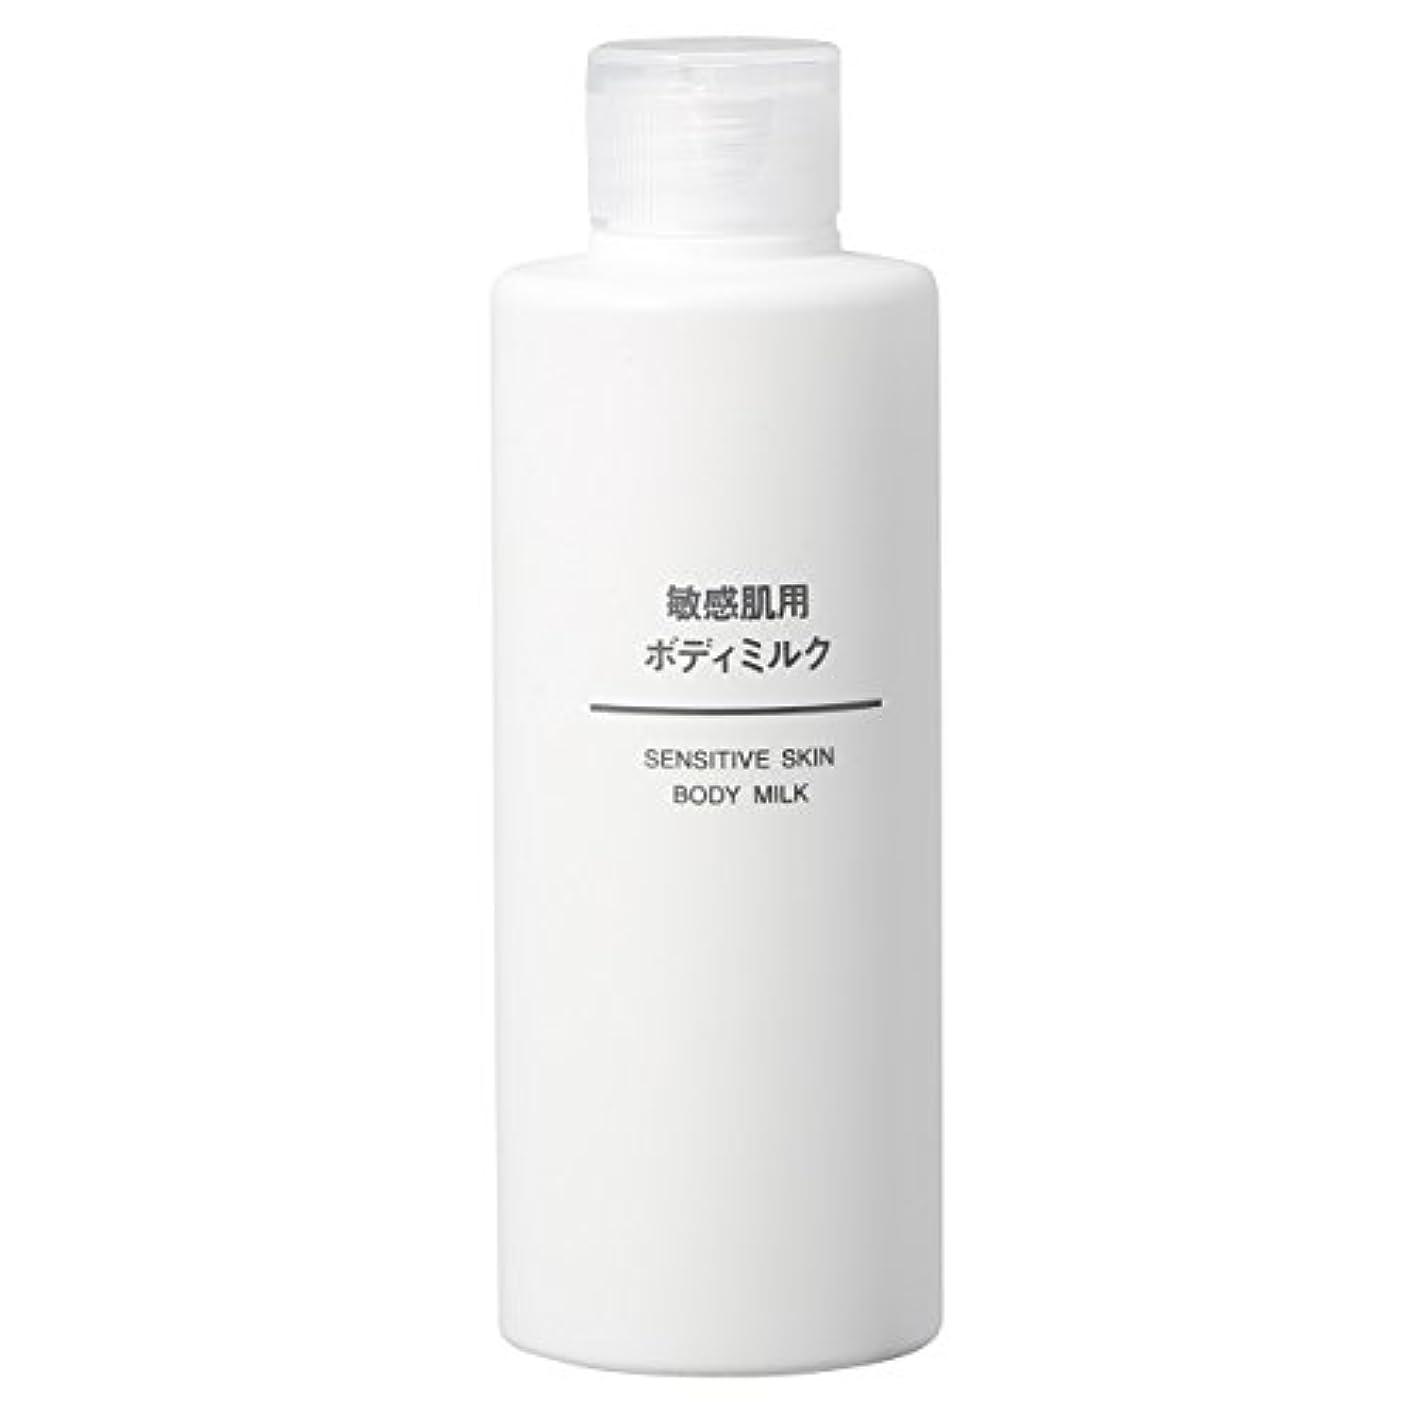 パワー防水キャプチャー無印良品 敏感肌用 ボディミルク 200ml 日本製